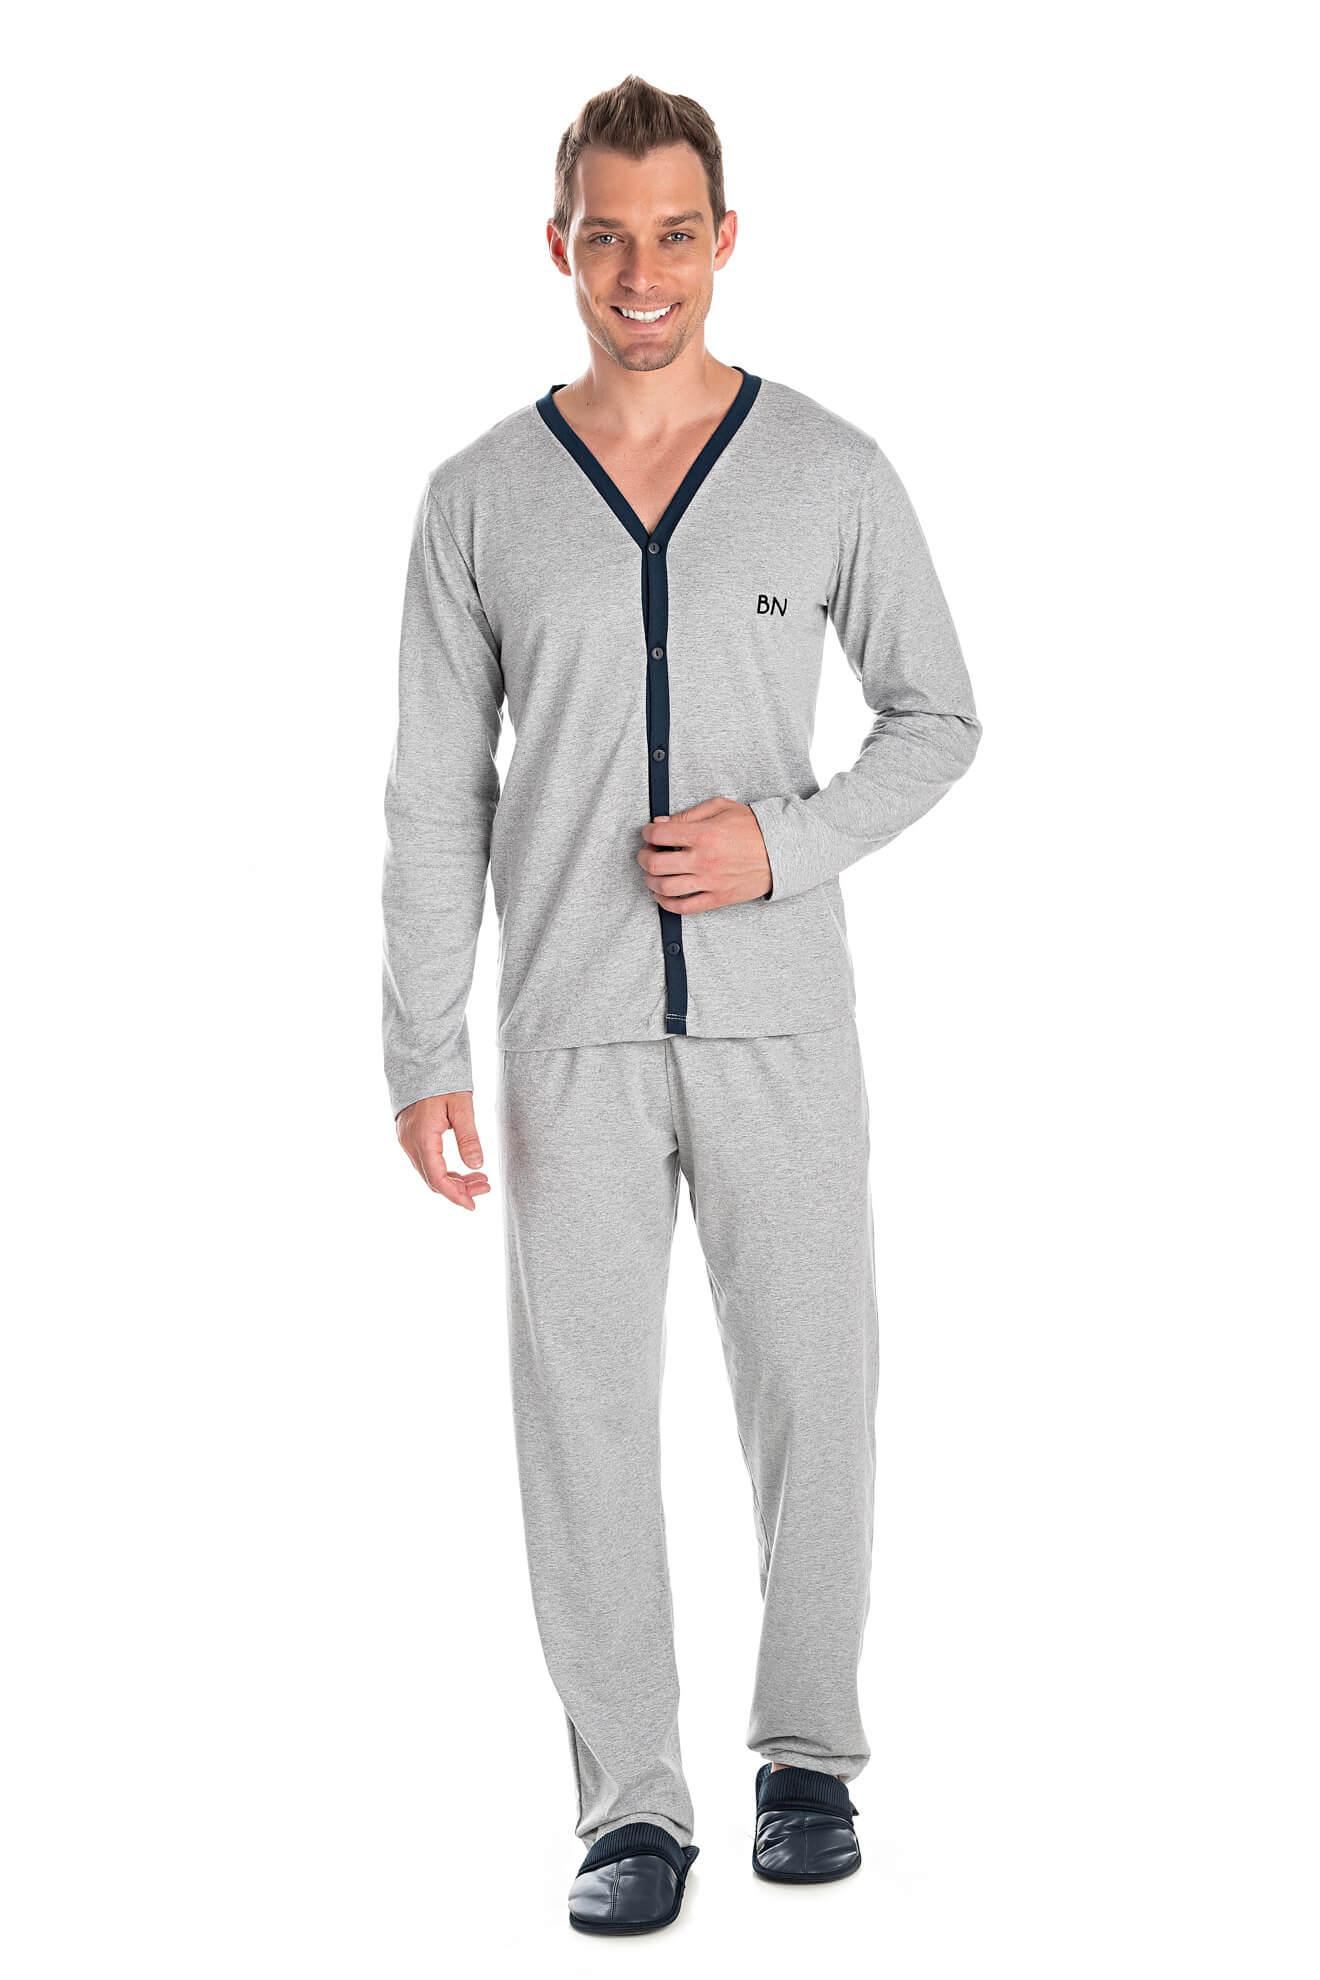 005/B - Pijama Adulto Masculino Aberto